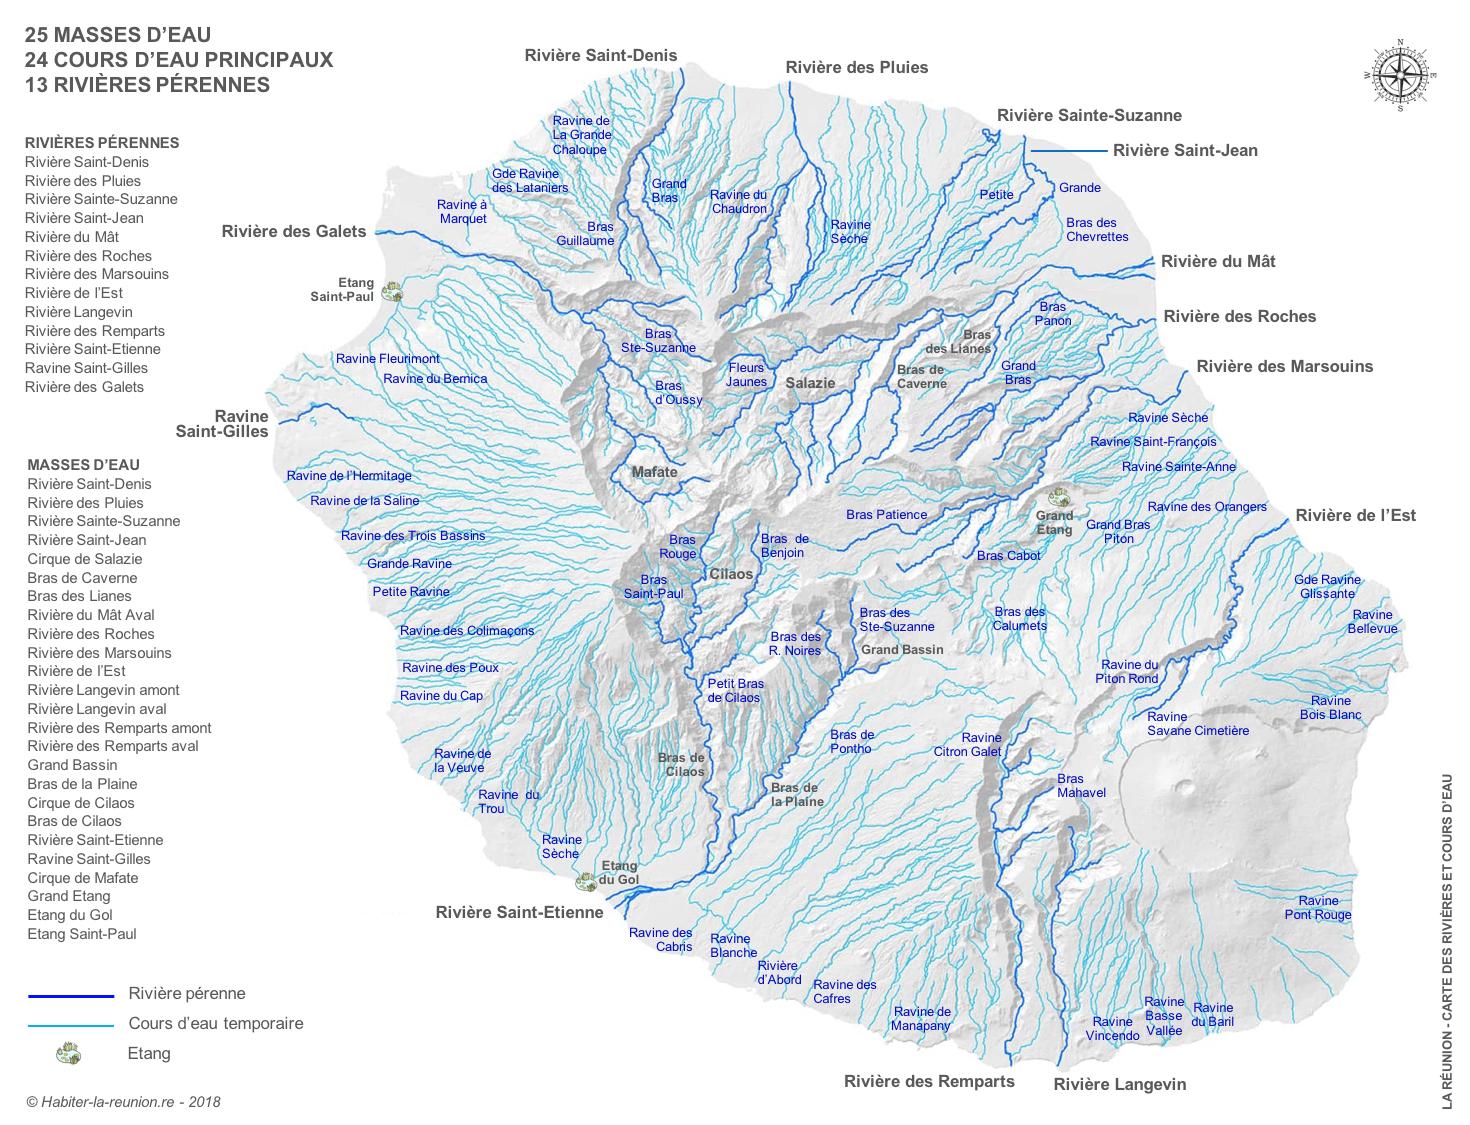 Rivières Et Cours D'eau De La Réunion | Habiter La Réunion concernant Carte Des Fleuves De France